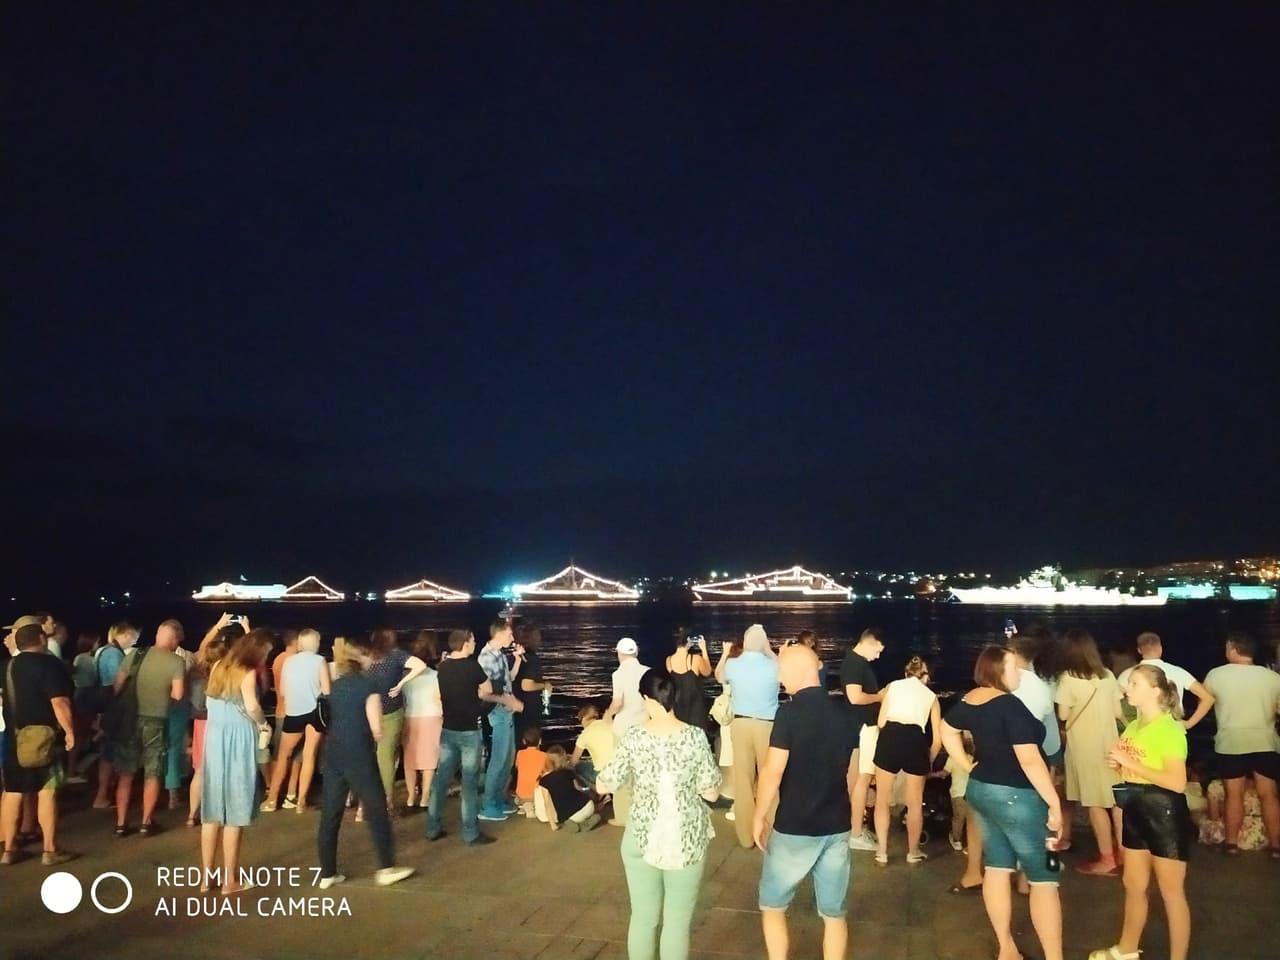 День ВМФ парад военных кораблей ночью